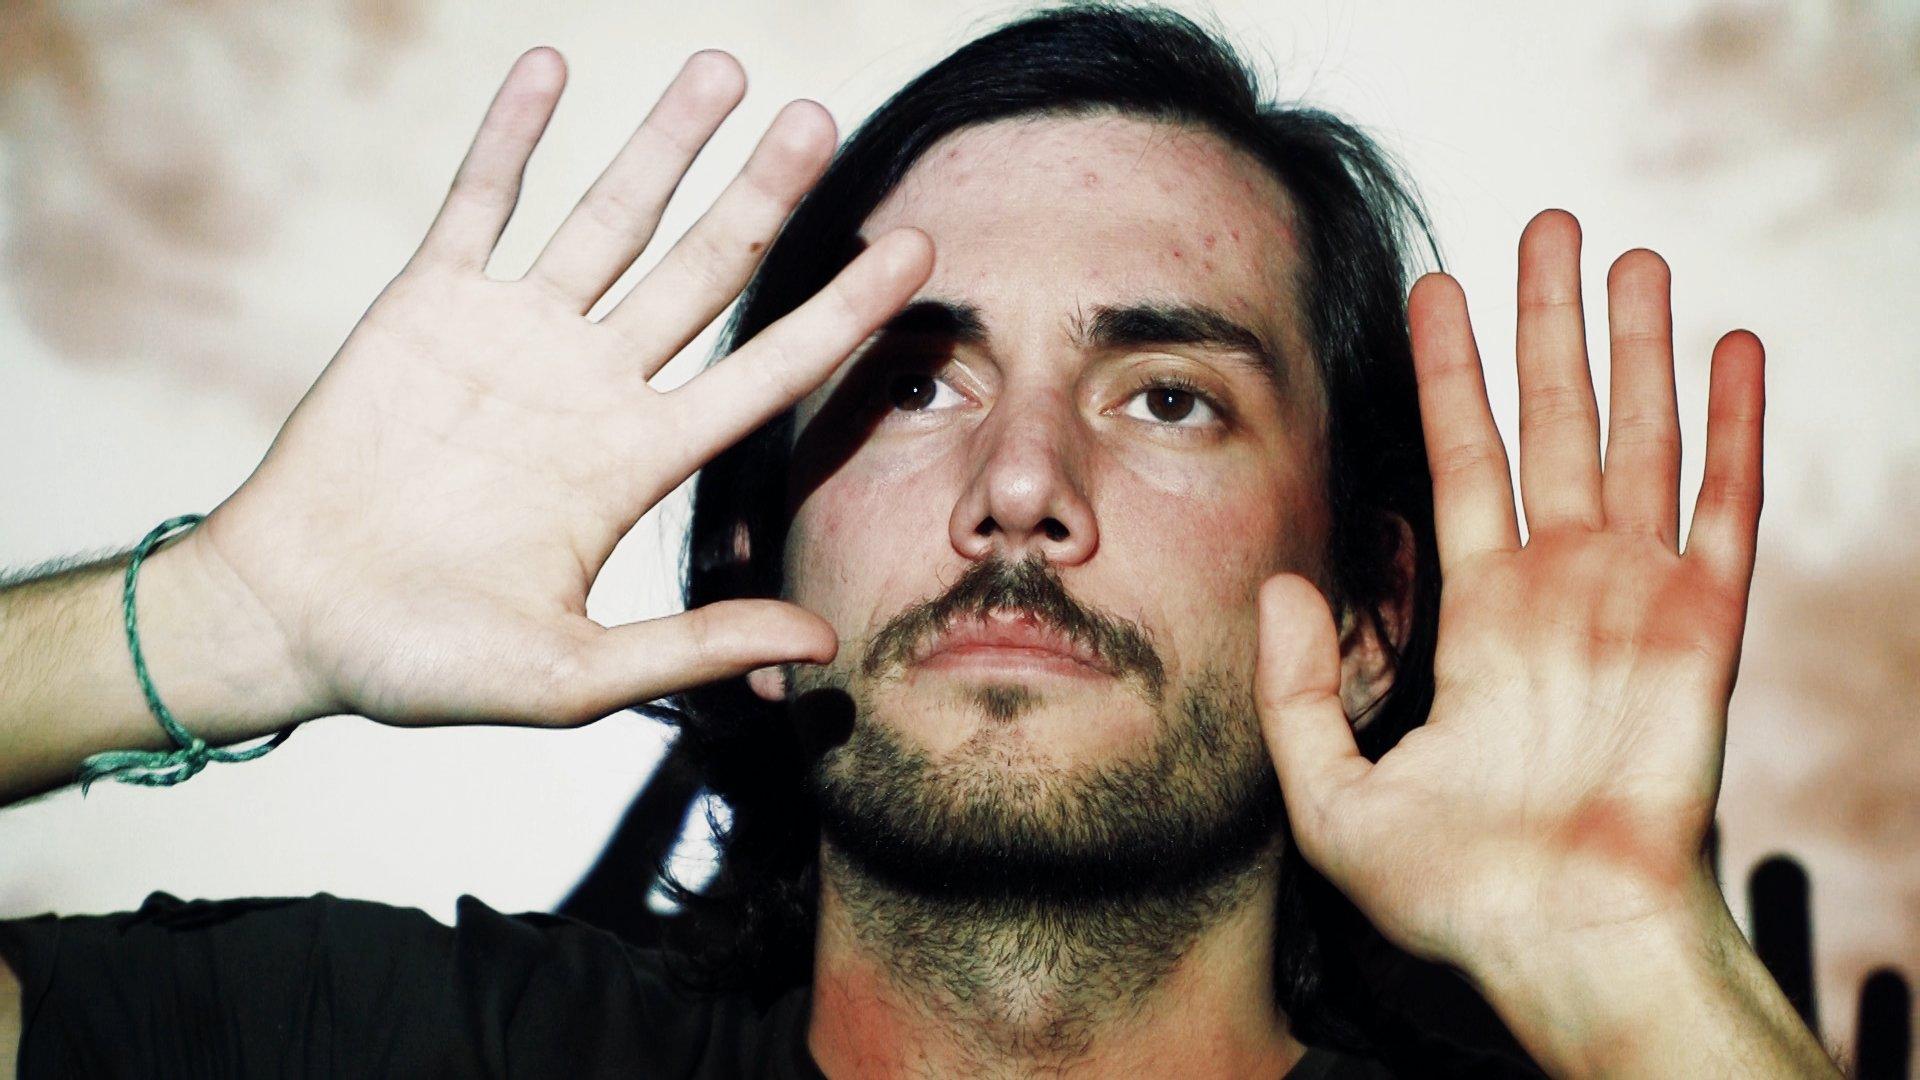 Andrés Goteira finaliza en Santiago e Ferrol a rodaxe do documental 'Welcome to ma maison' (Benvidos á miña cabeza)